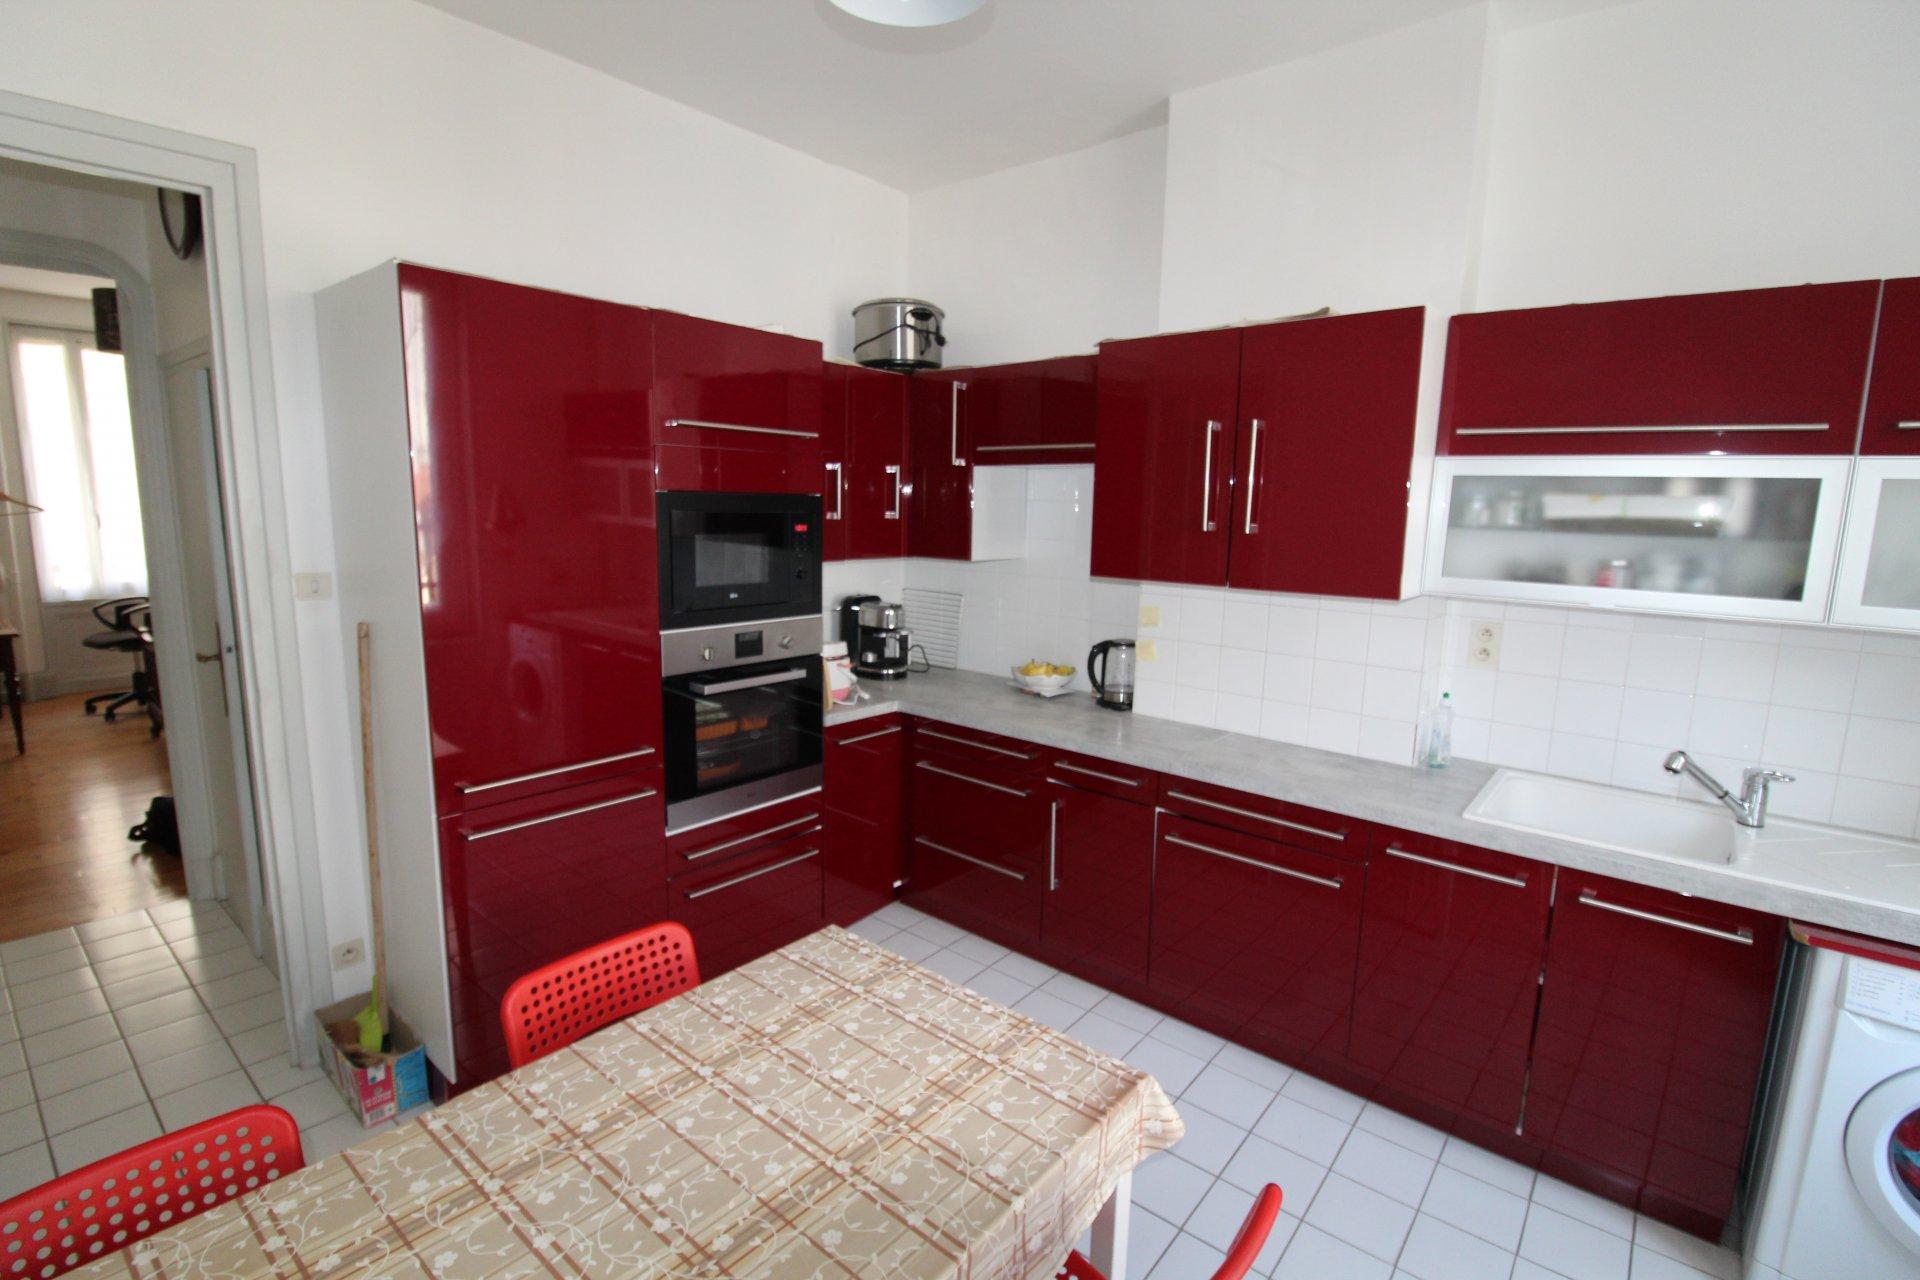 Appartement Saint-Etienne / Tréfilerie Faculté 3 Pièces 75m2